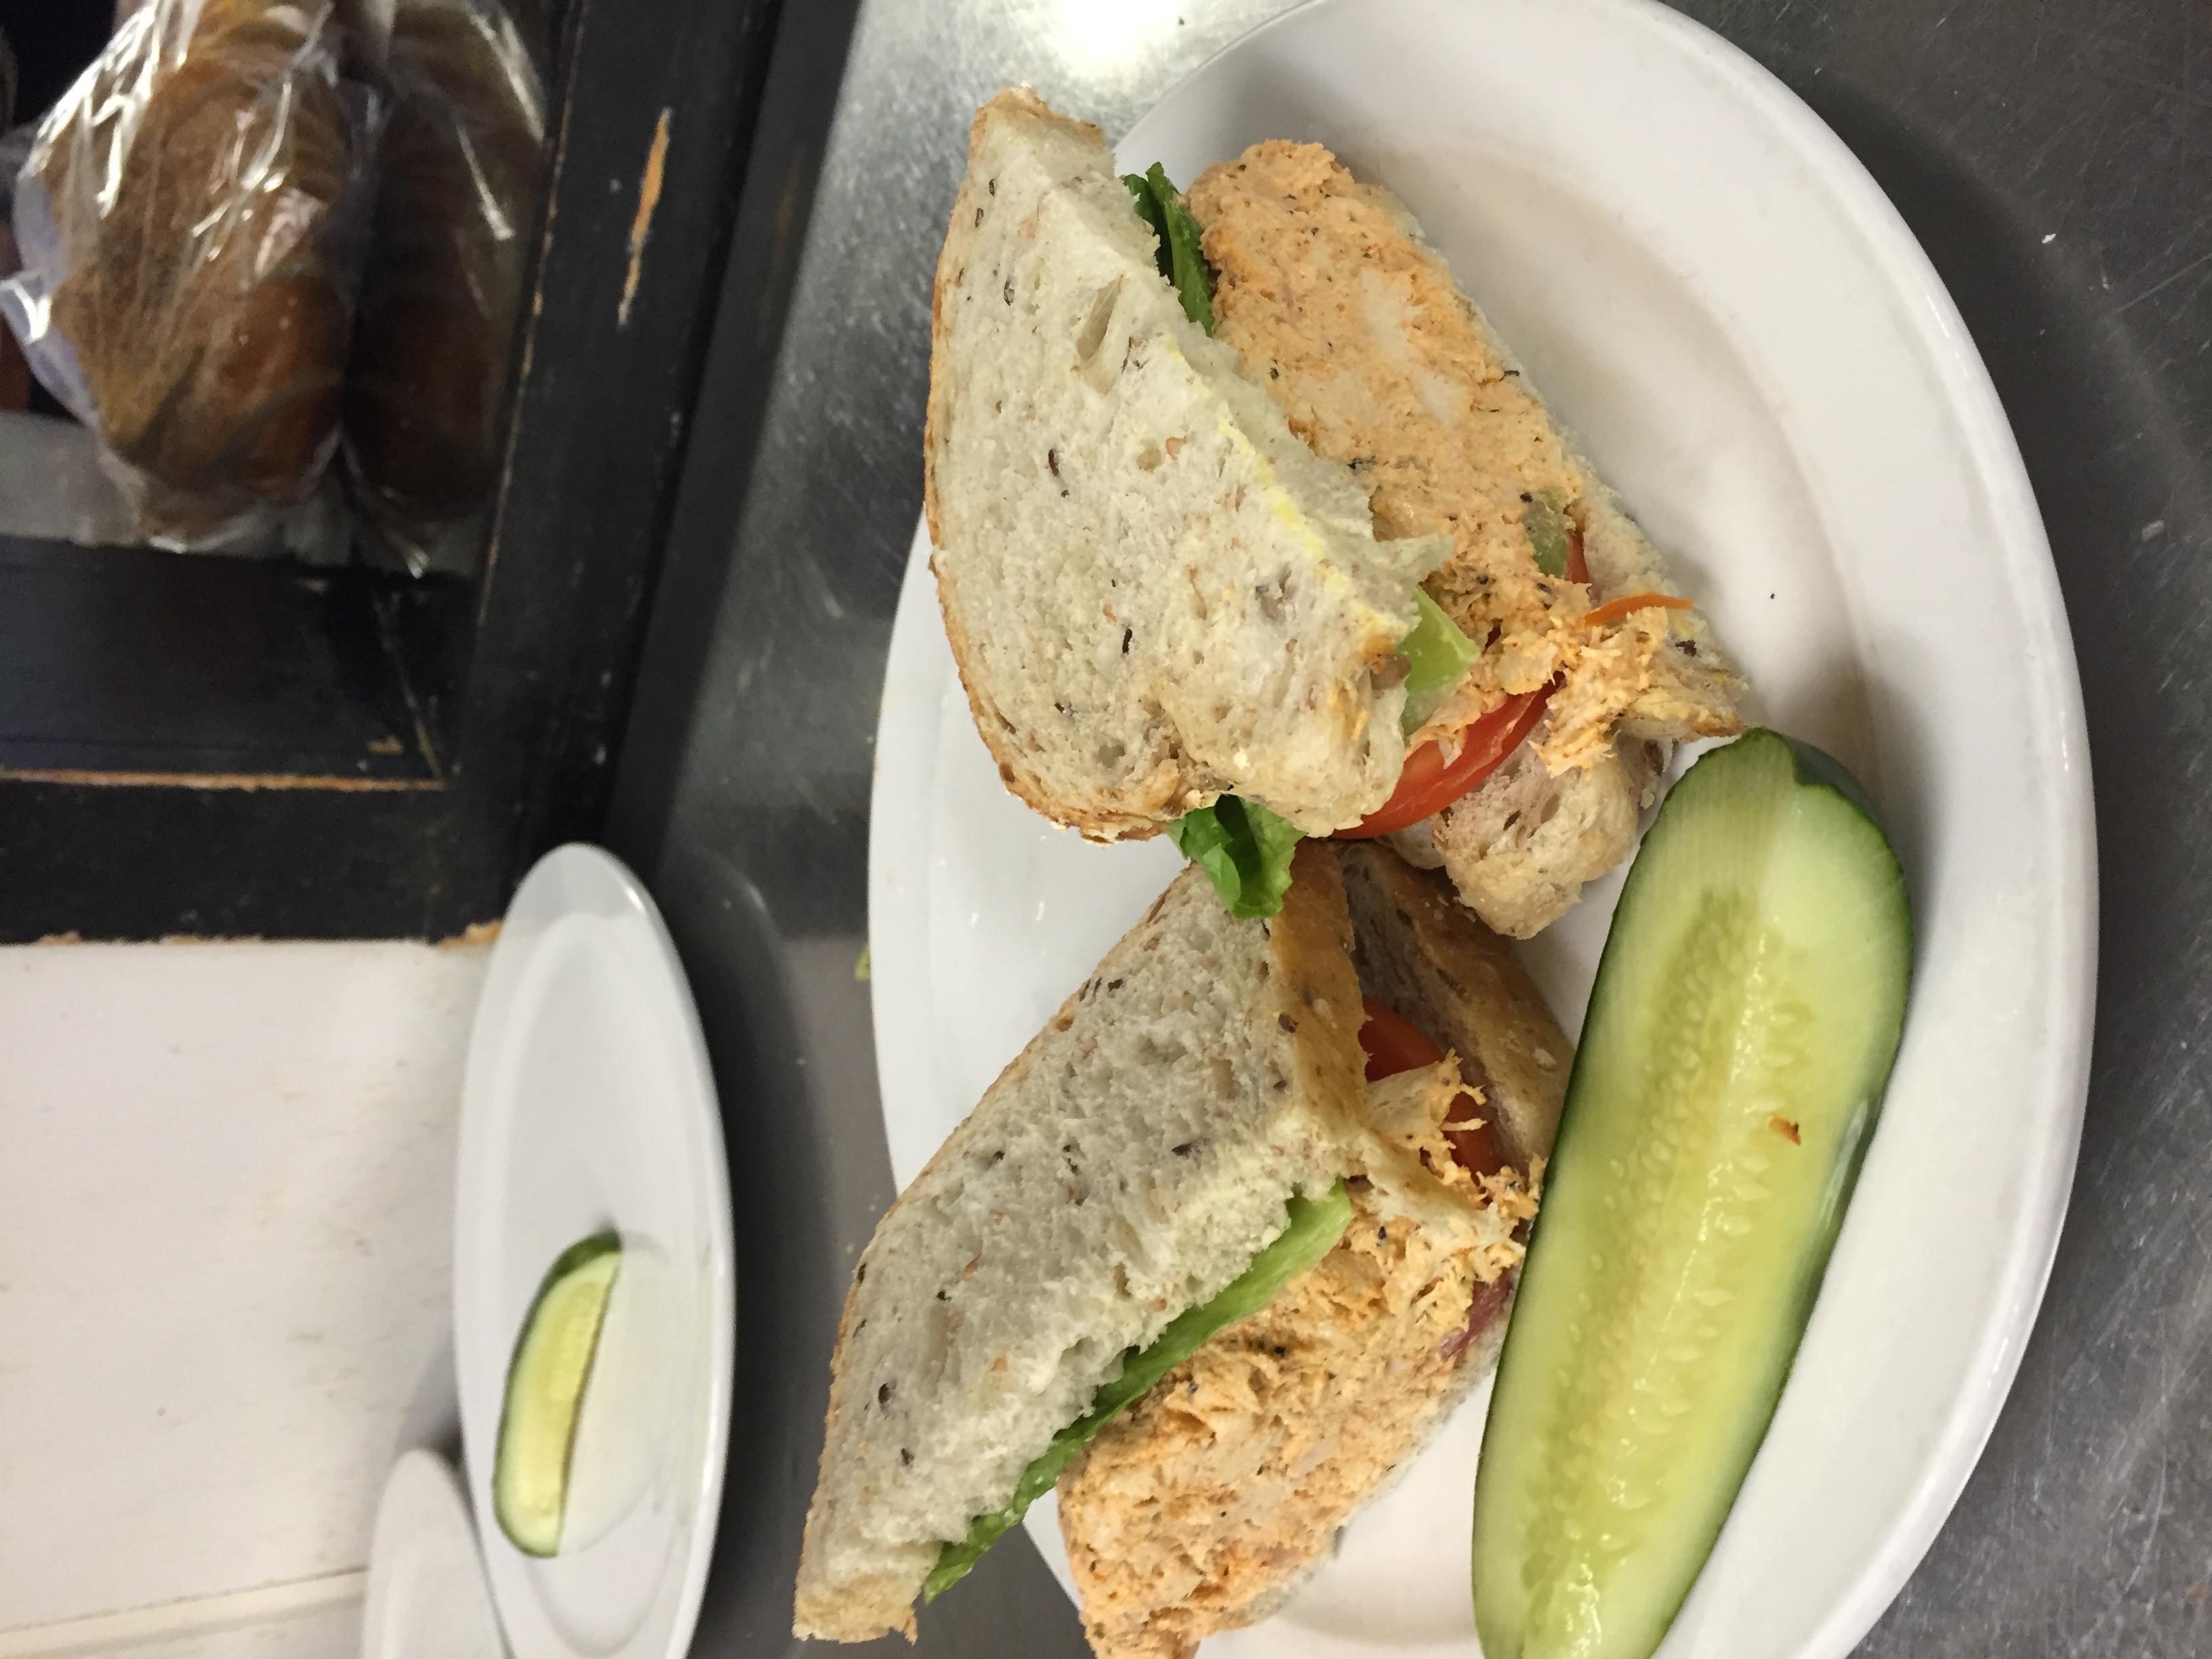 #8 Tuna, Chicken or Egg Salad Sandwich